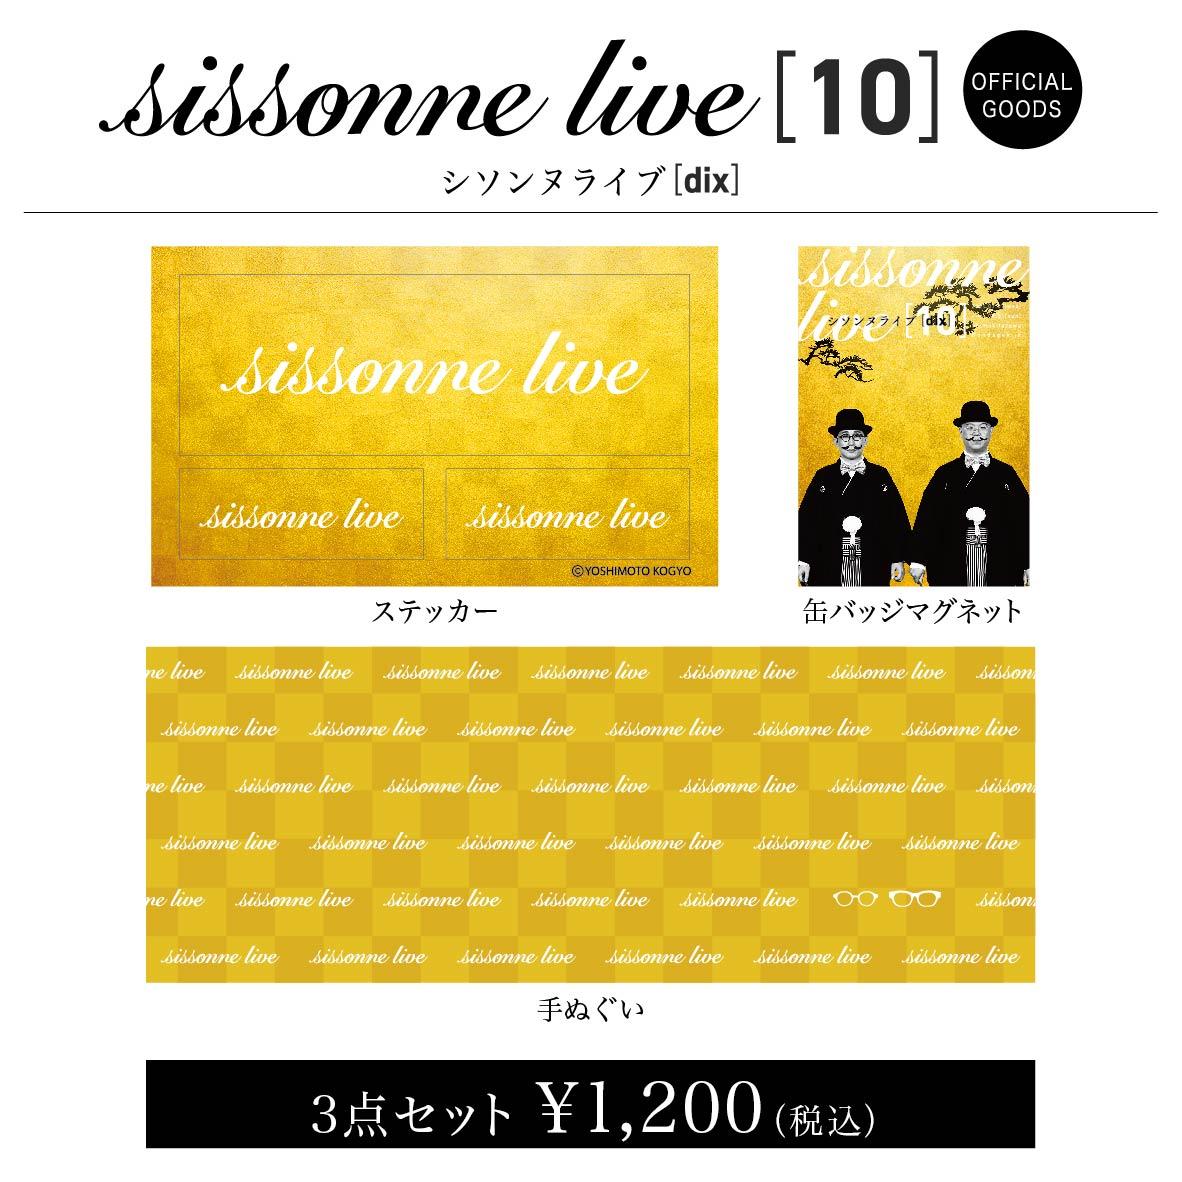 シソンヌライブ 10 【dix】グッズ3点セット